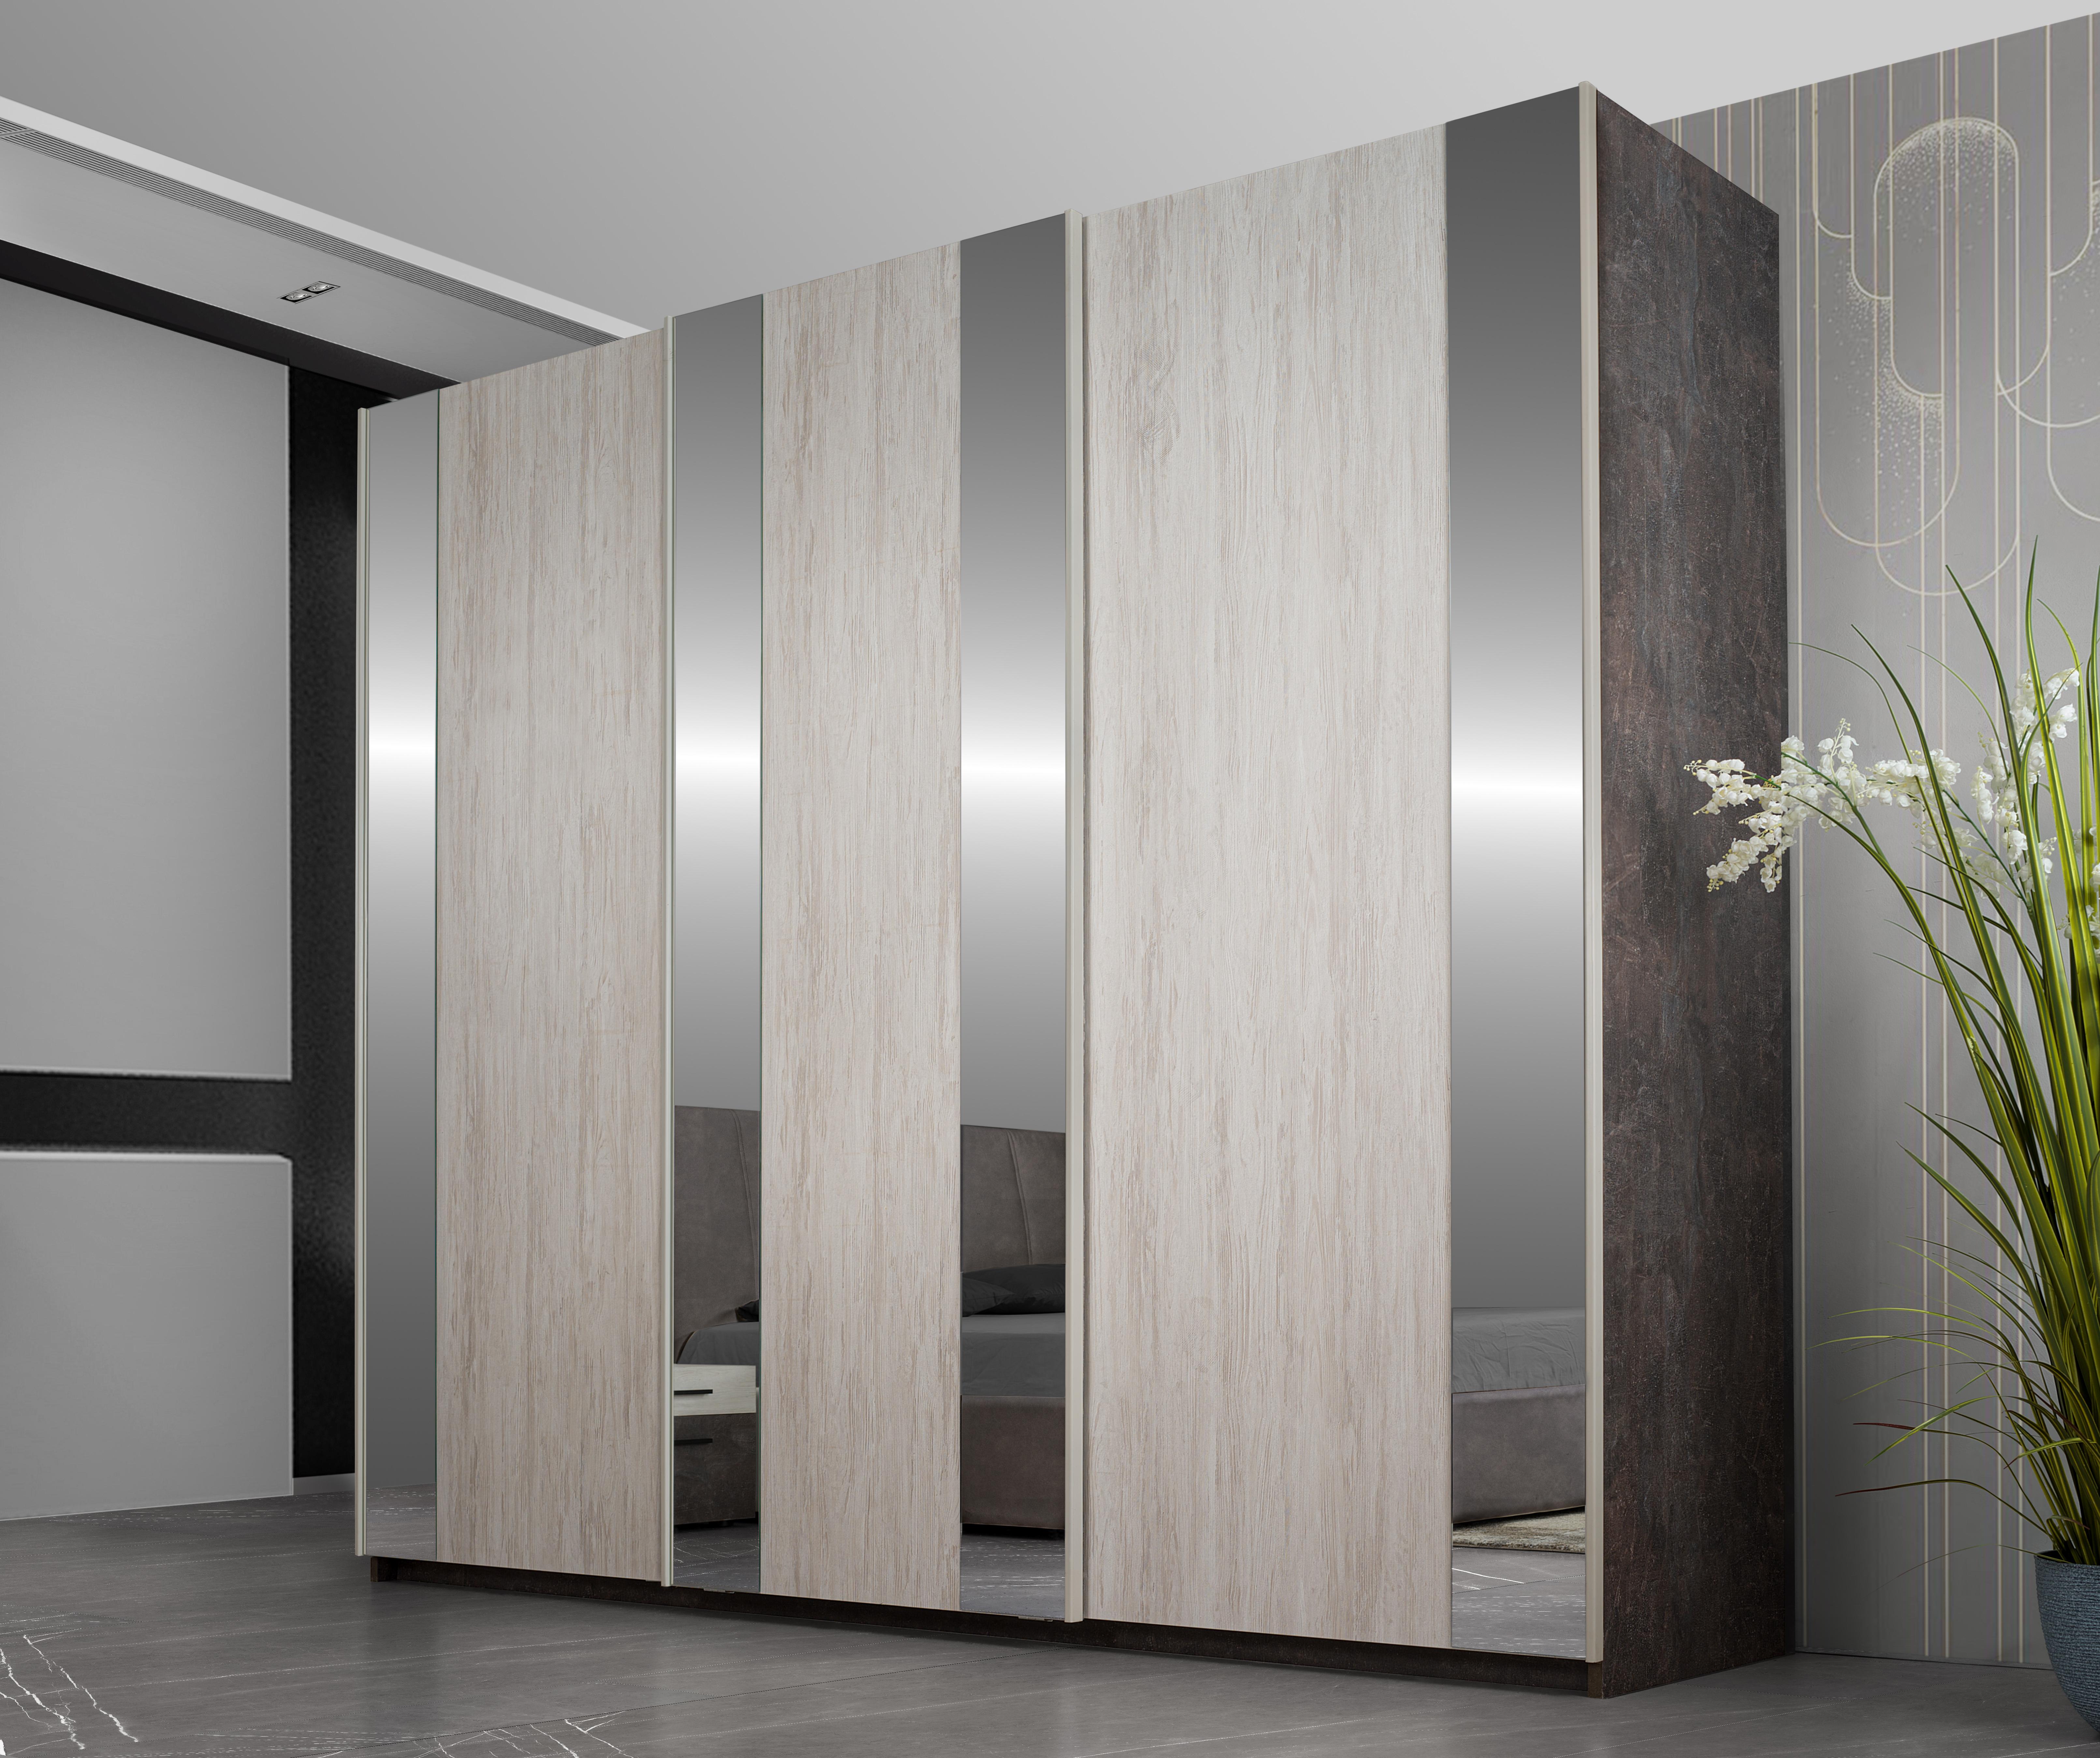 Schlafzimmer Komplett Leana in Braun 6-Teilig